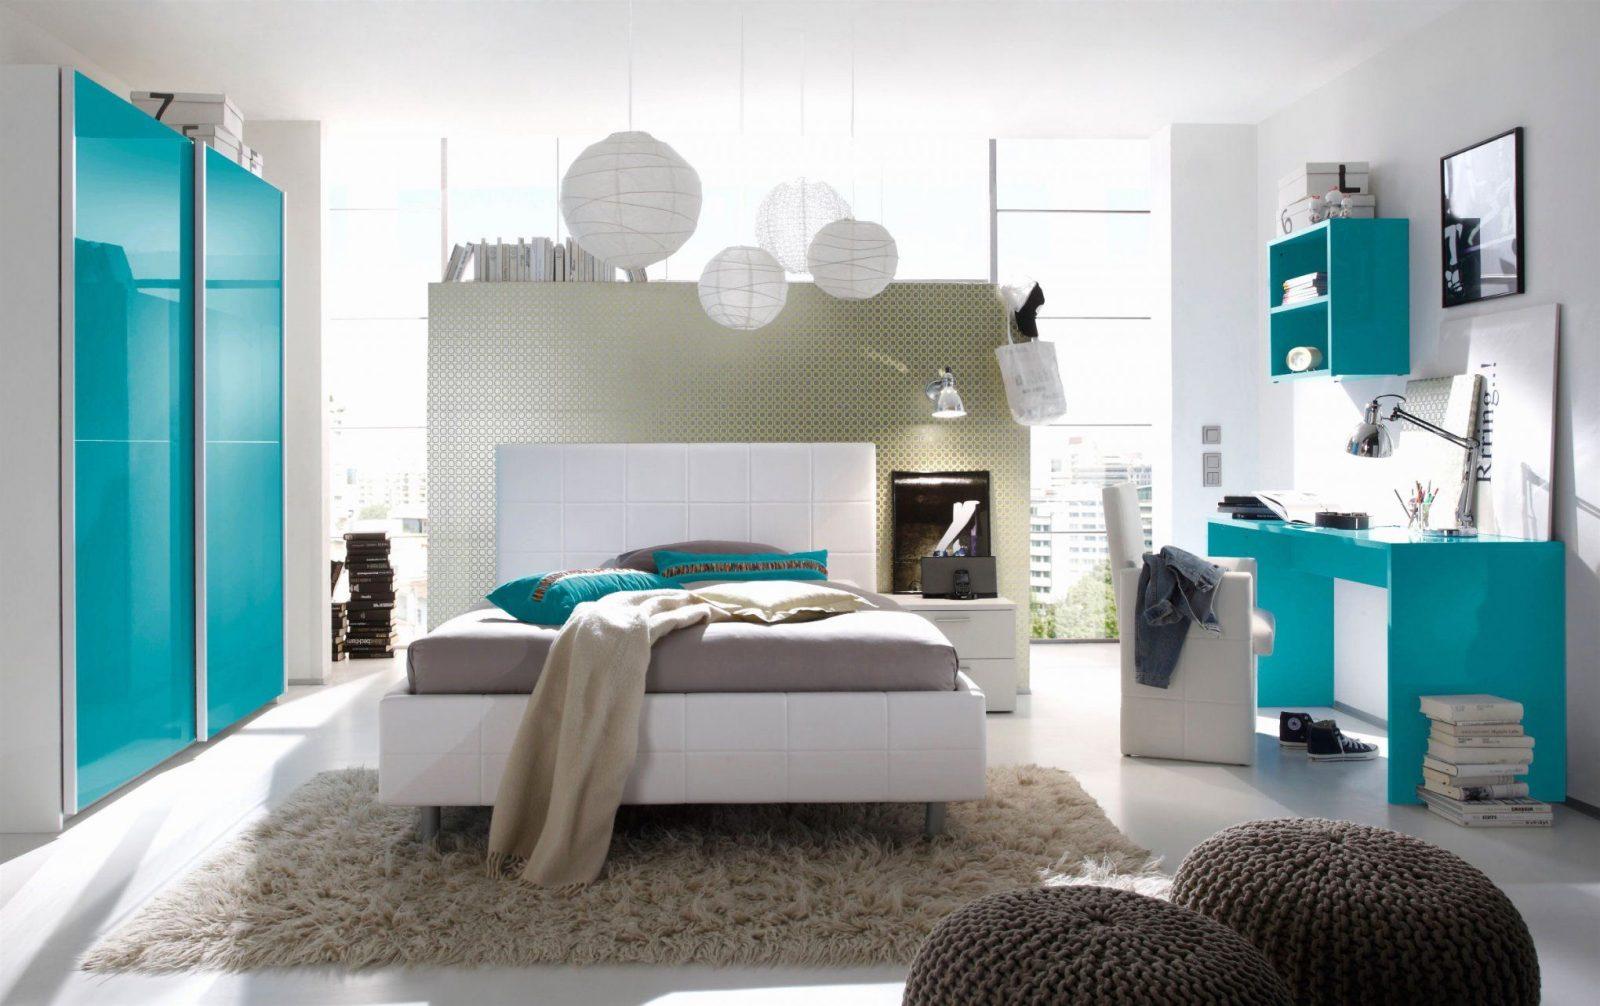 moderne luxus jugendzimmer mdchen, beste luxus jugendzimmer inspirierend moderne s wesanderson von, Design ideen